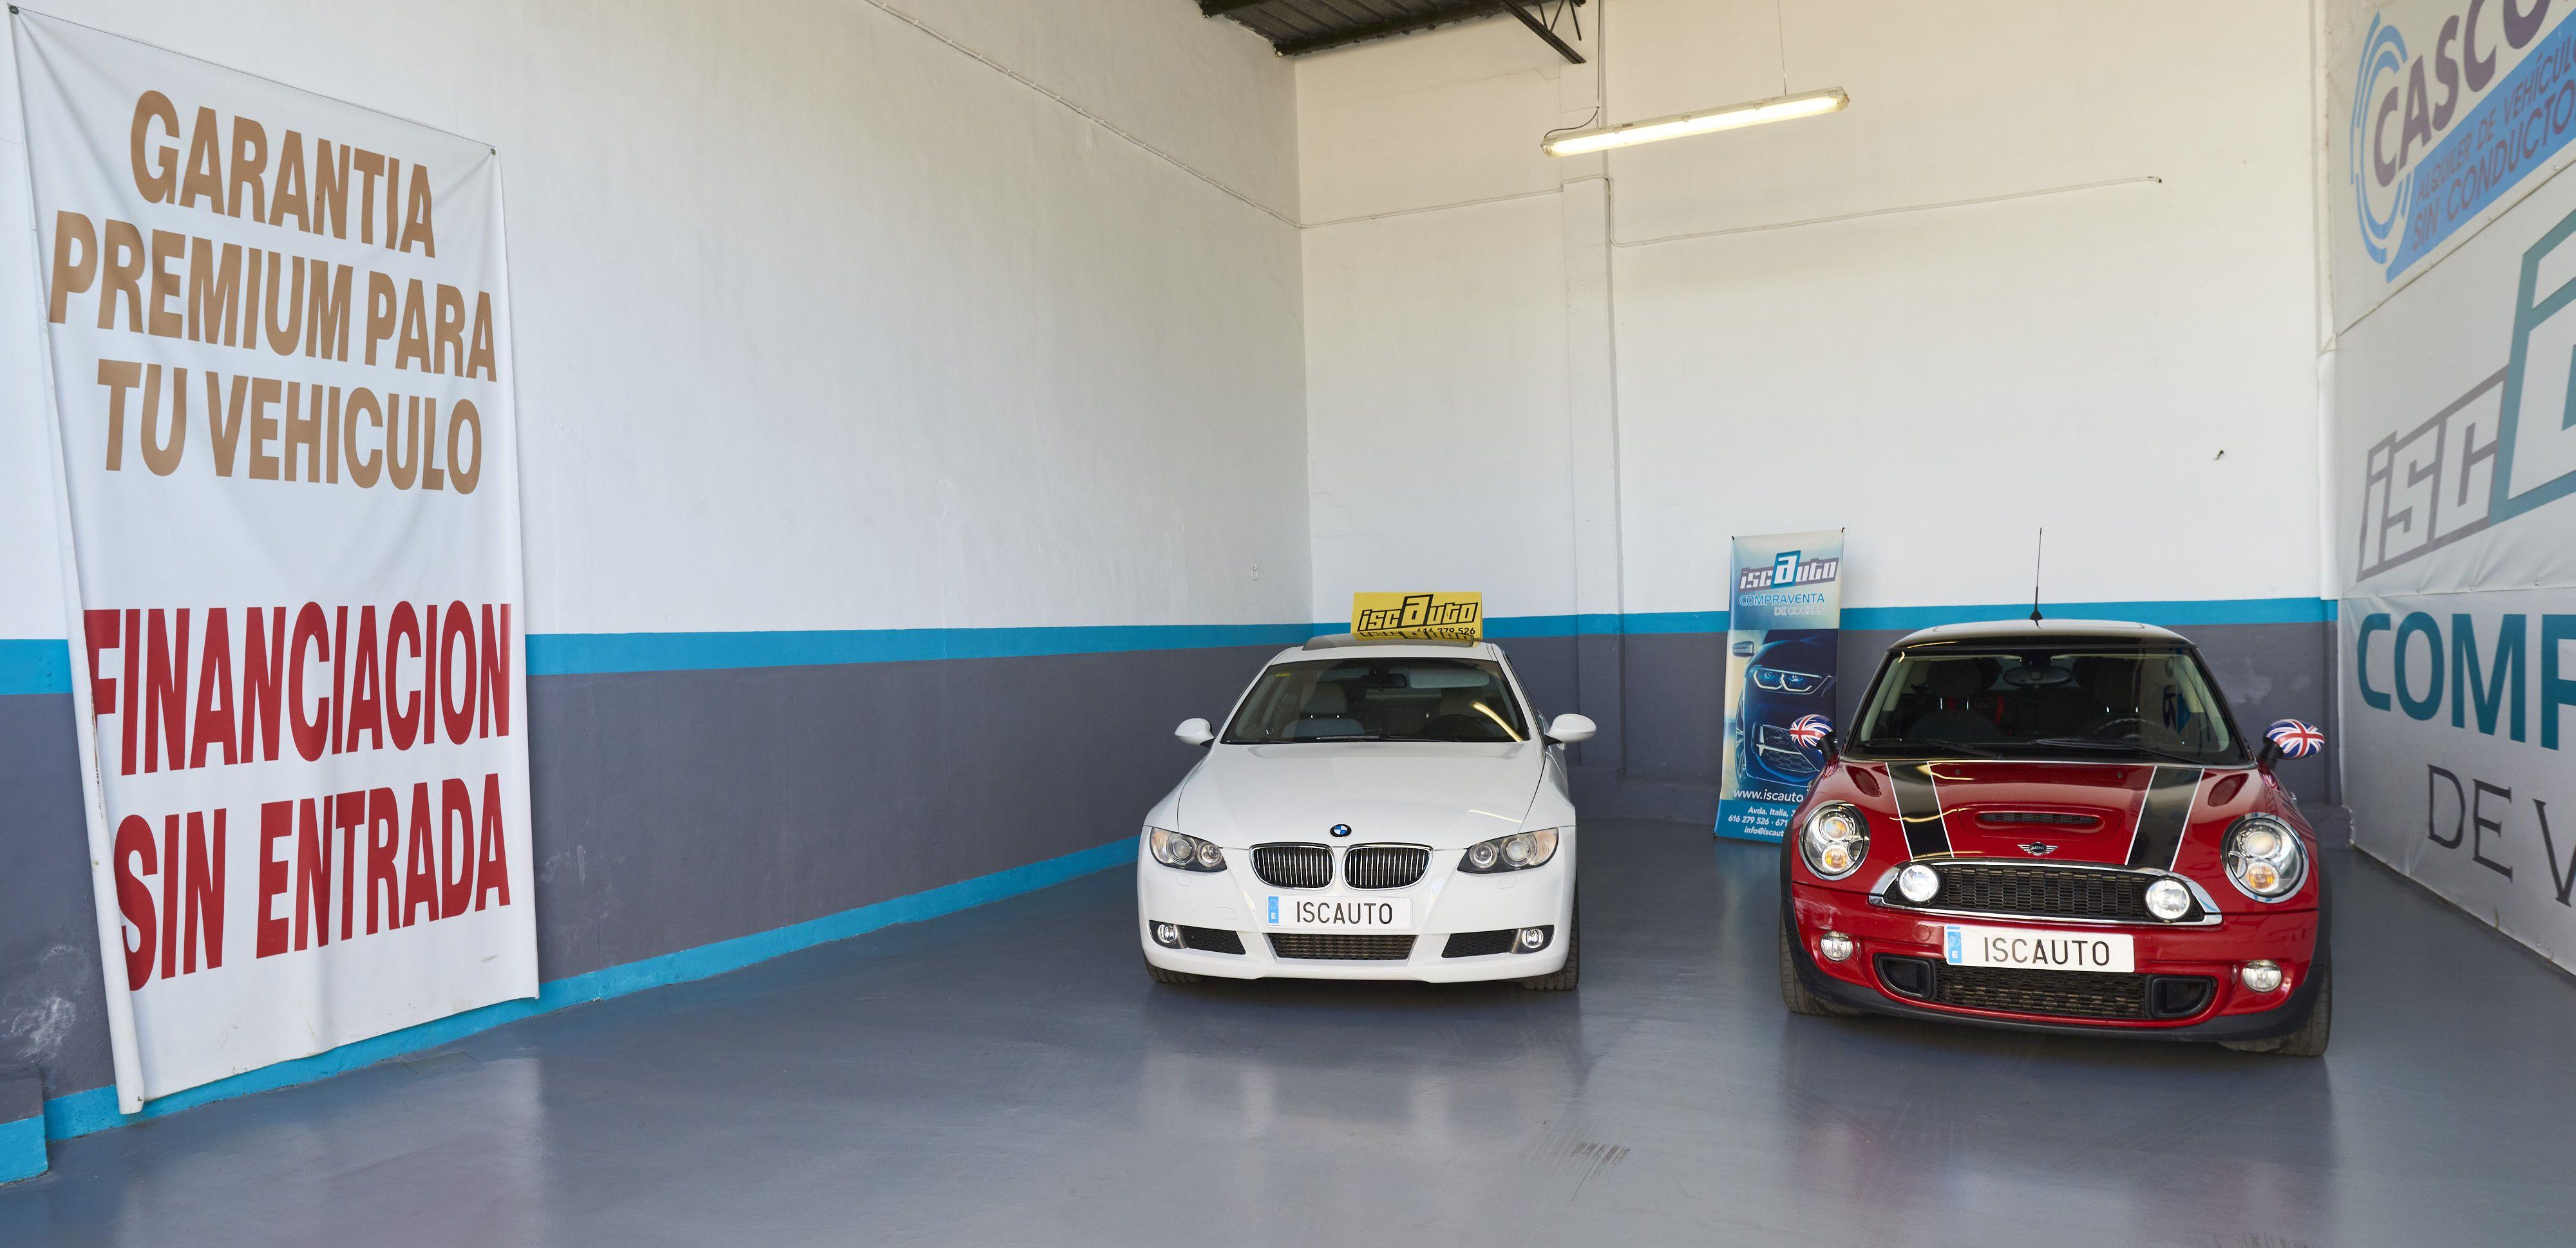 Exposición de vehículos